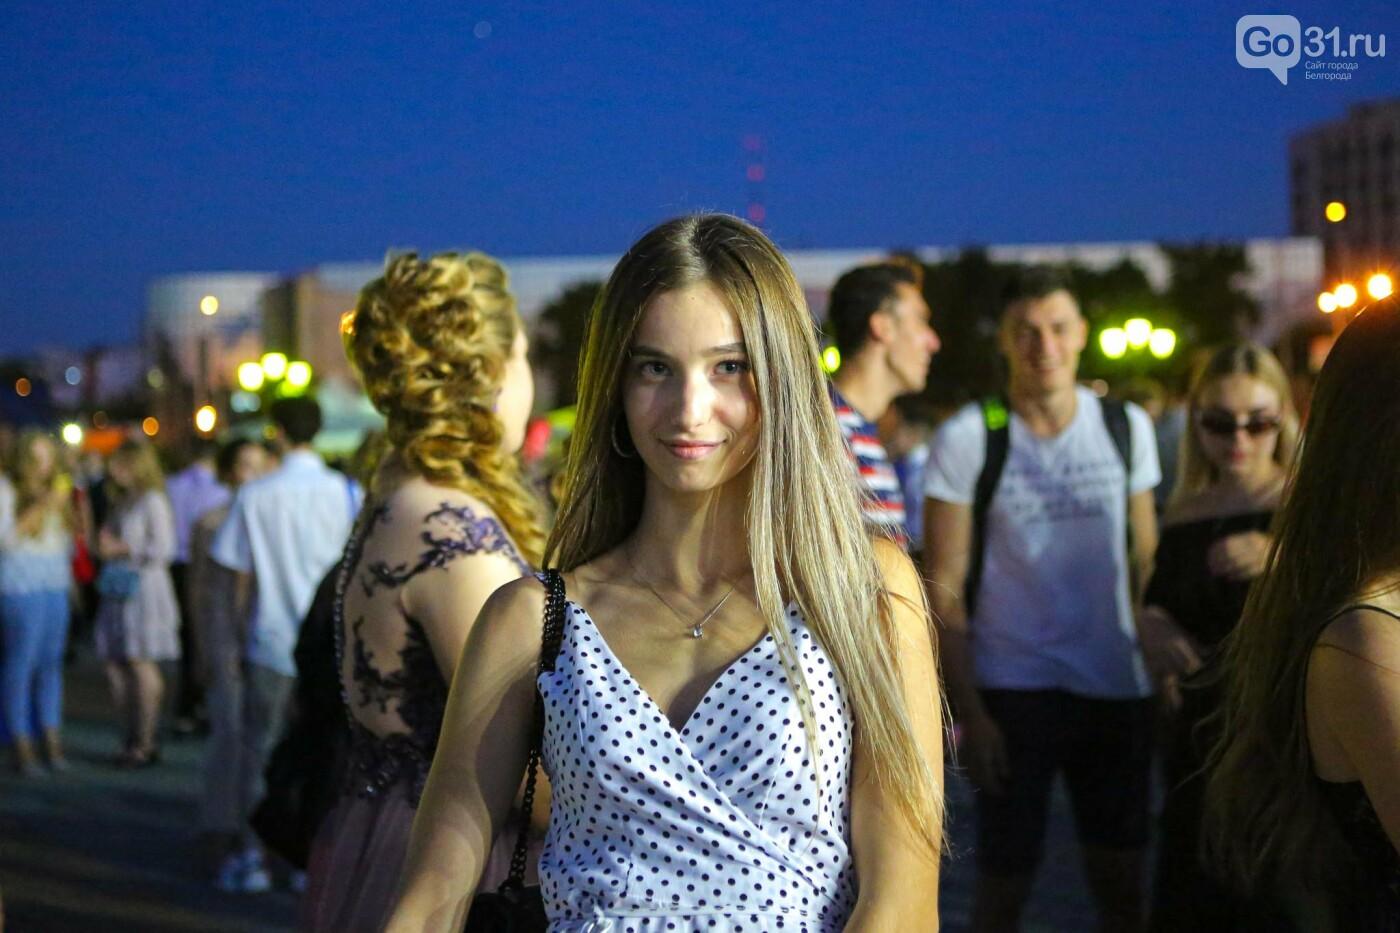 Общегородской школьный выпускной в Белгороде. Фоторепортаж, фото-38, Фото: Антон Вергун